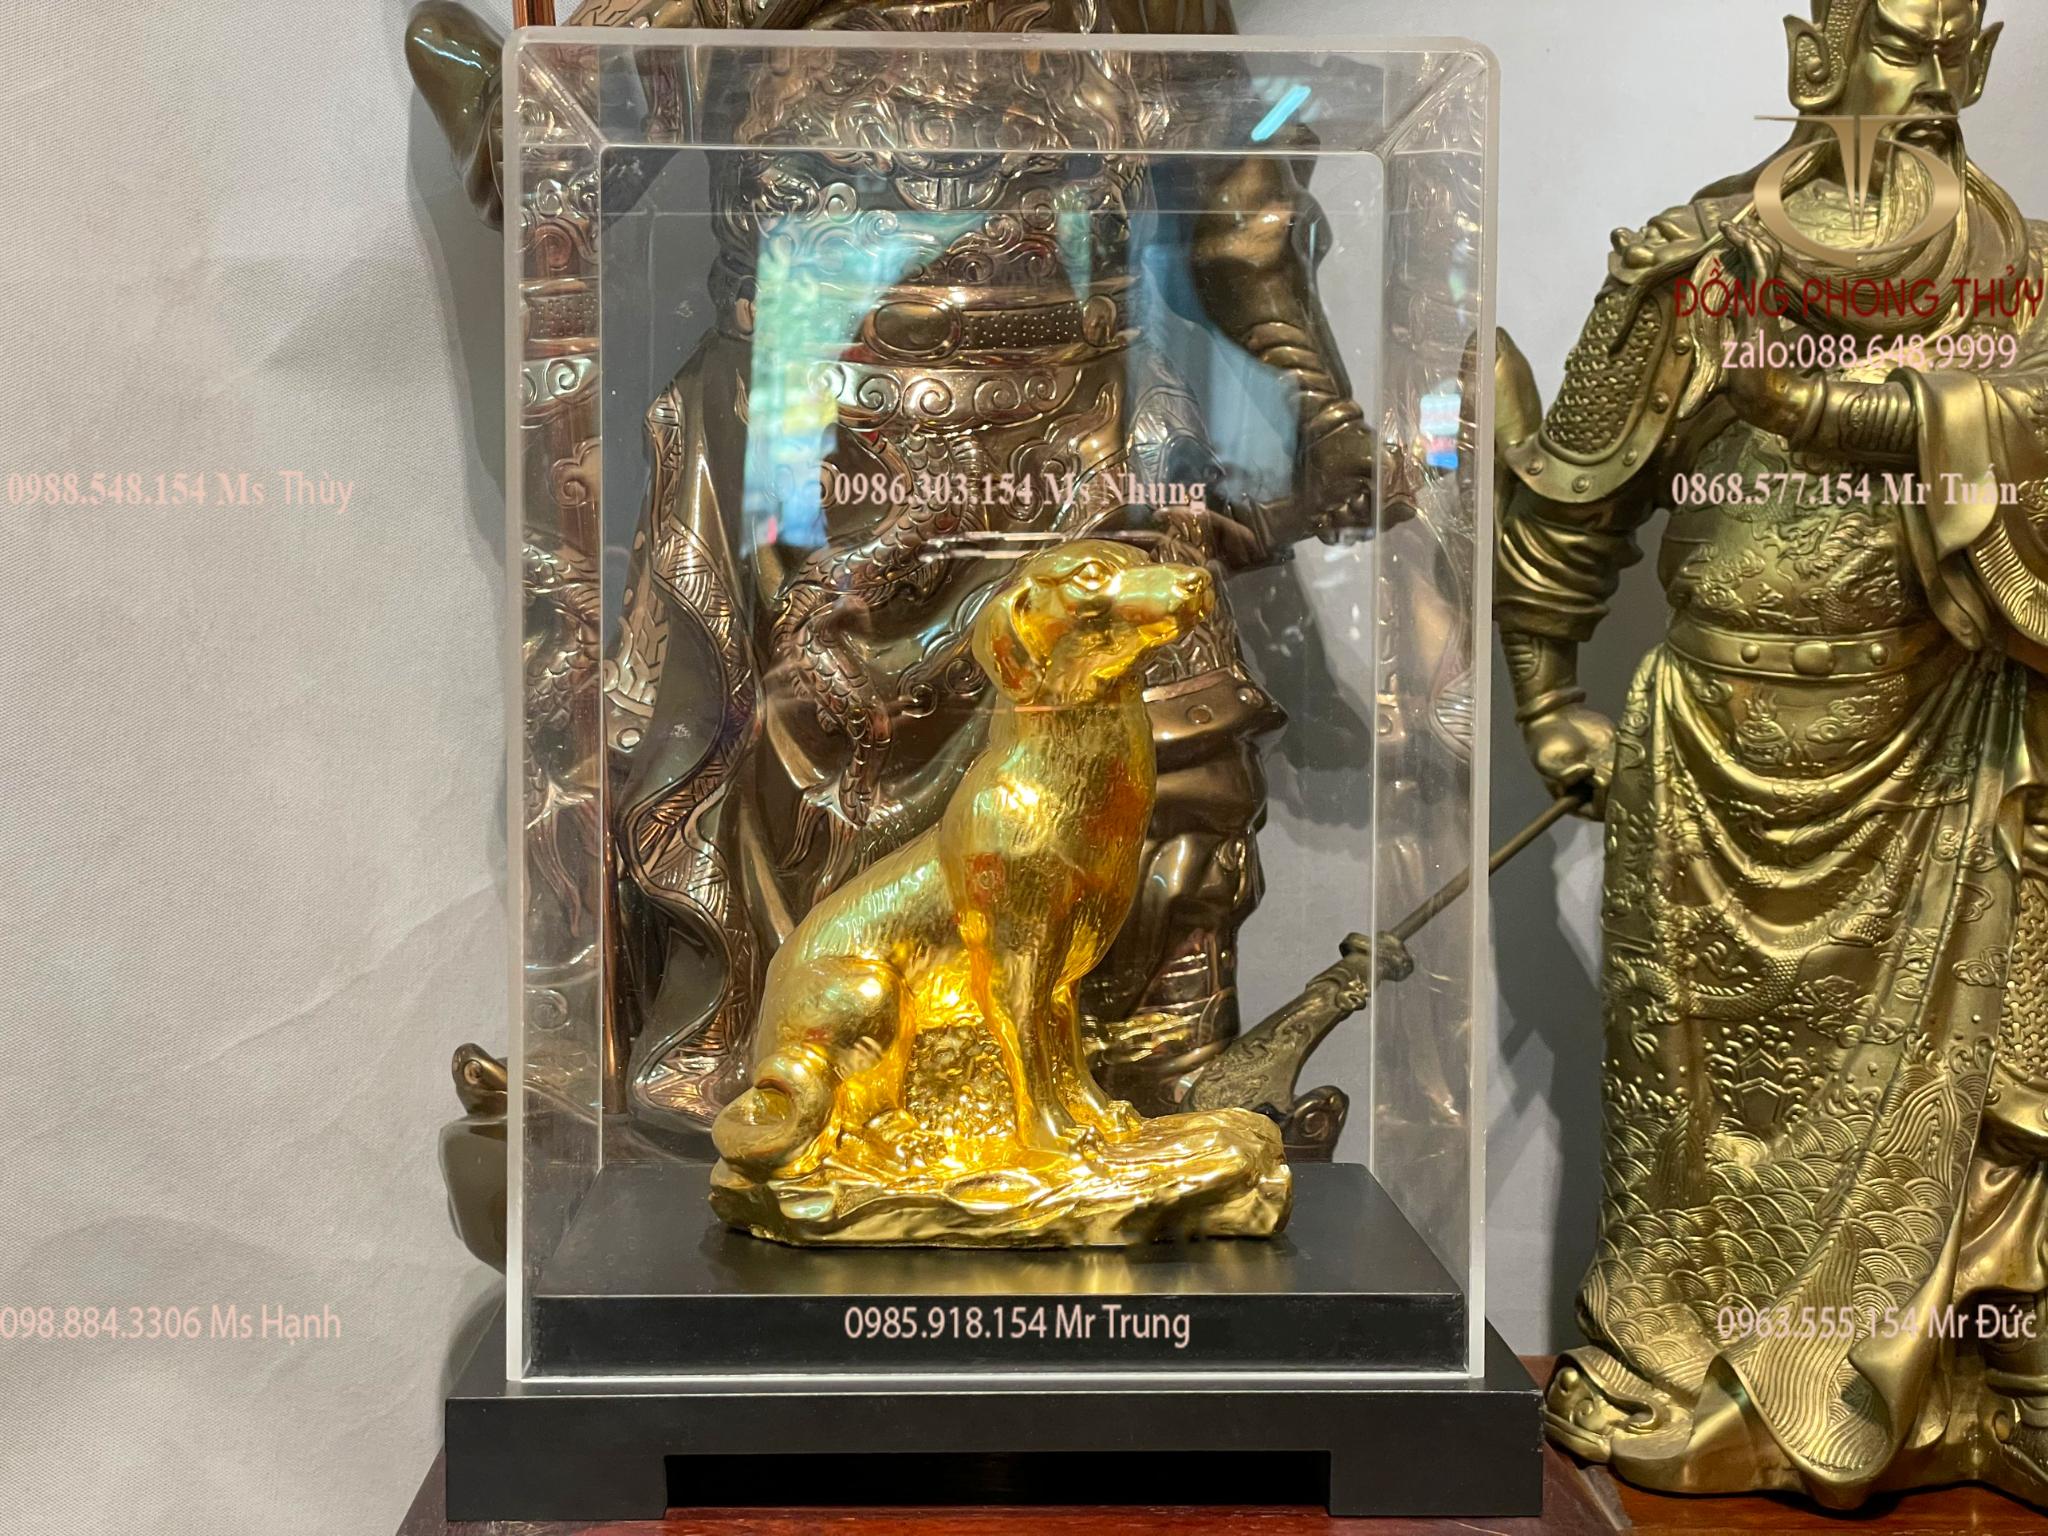 Quà tặng sếp nam nữ: Tượng chó phong thủy mạ vàng 24k